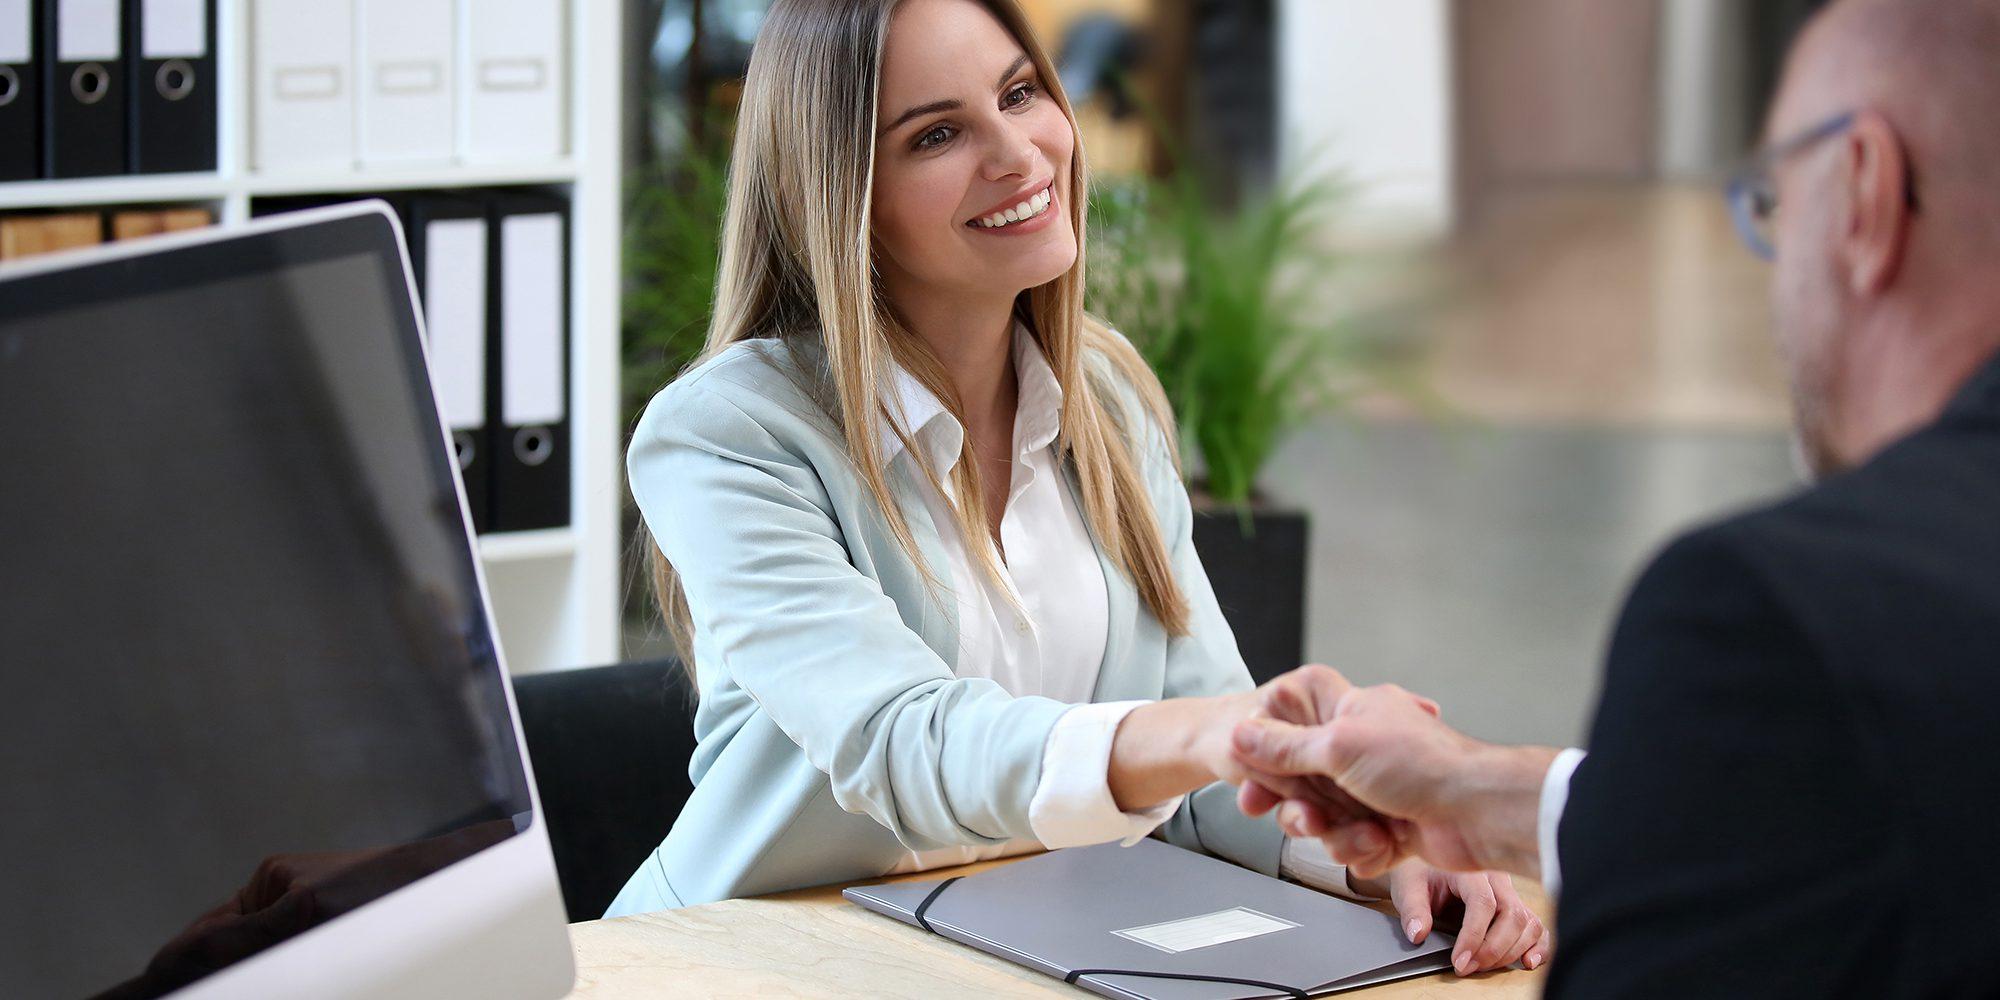 Finanze-Werving-Selectie-professionals-Job-Alert